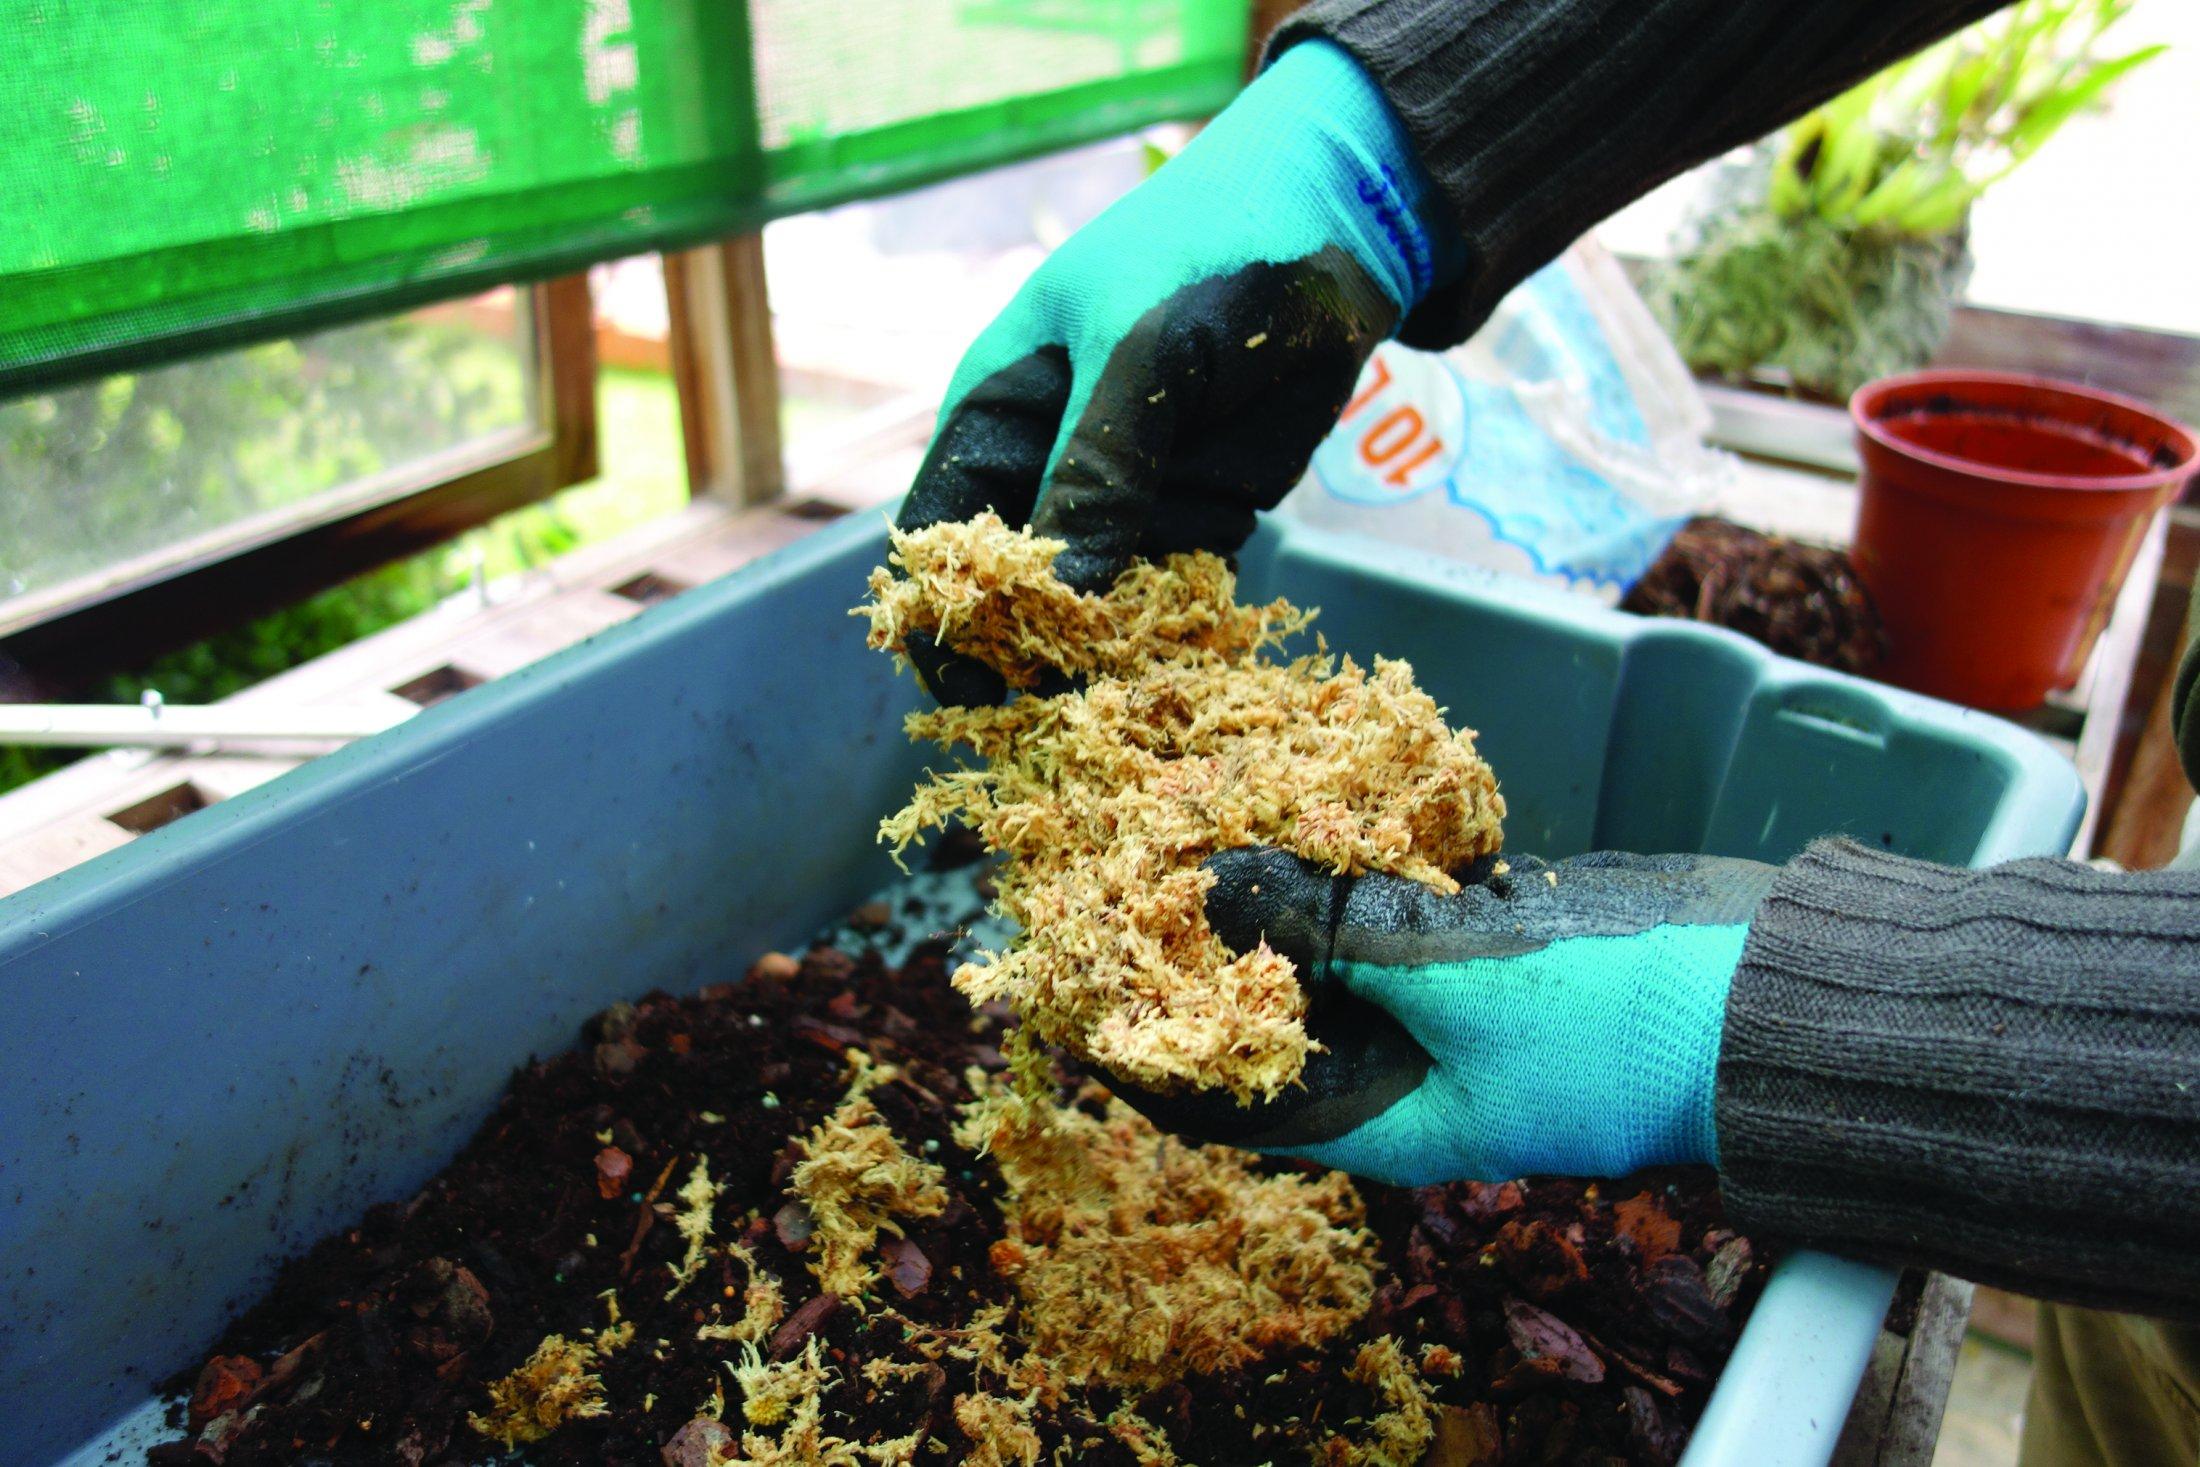 Mistura-se no substrato  o spagnum seco depois  de mergulhado em água.